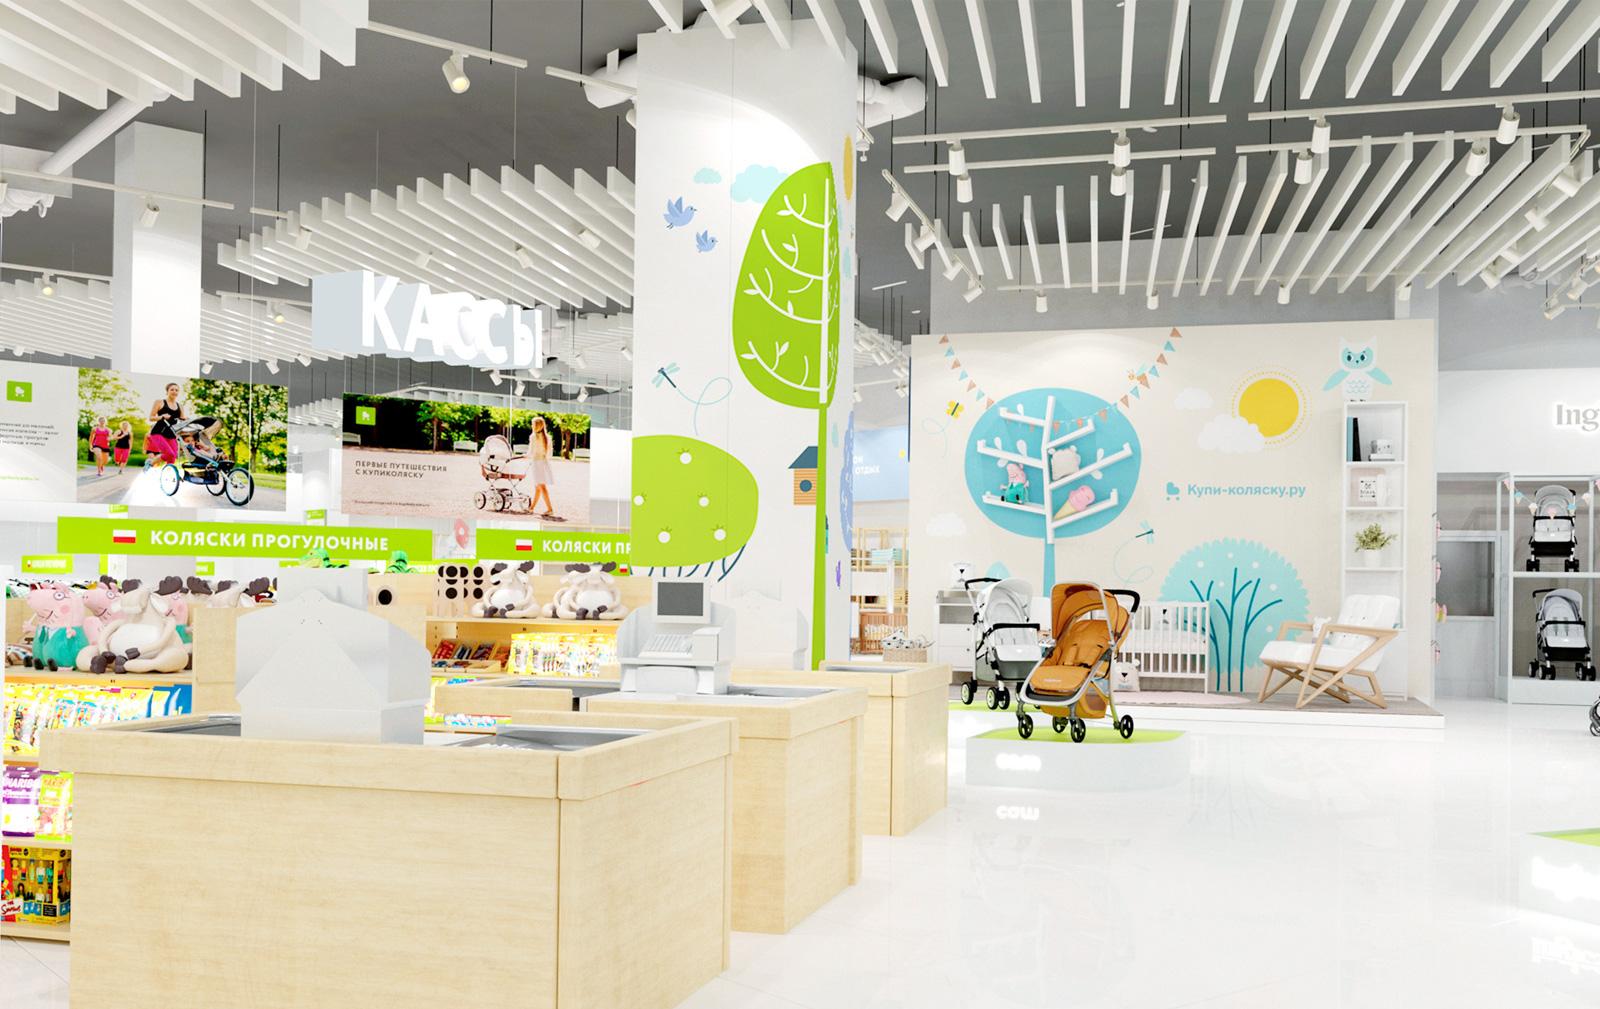 «Купи коляску» — розничный магазин для заботливых родителей с широким ассортиментом крупных товаров, колясок, мебели, игрушек для детей в возрасте до 6 лет